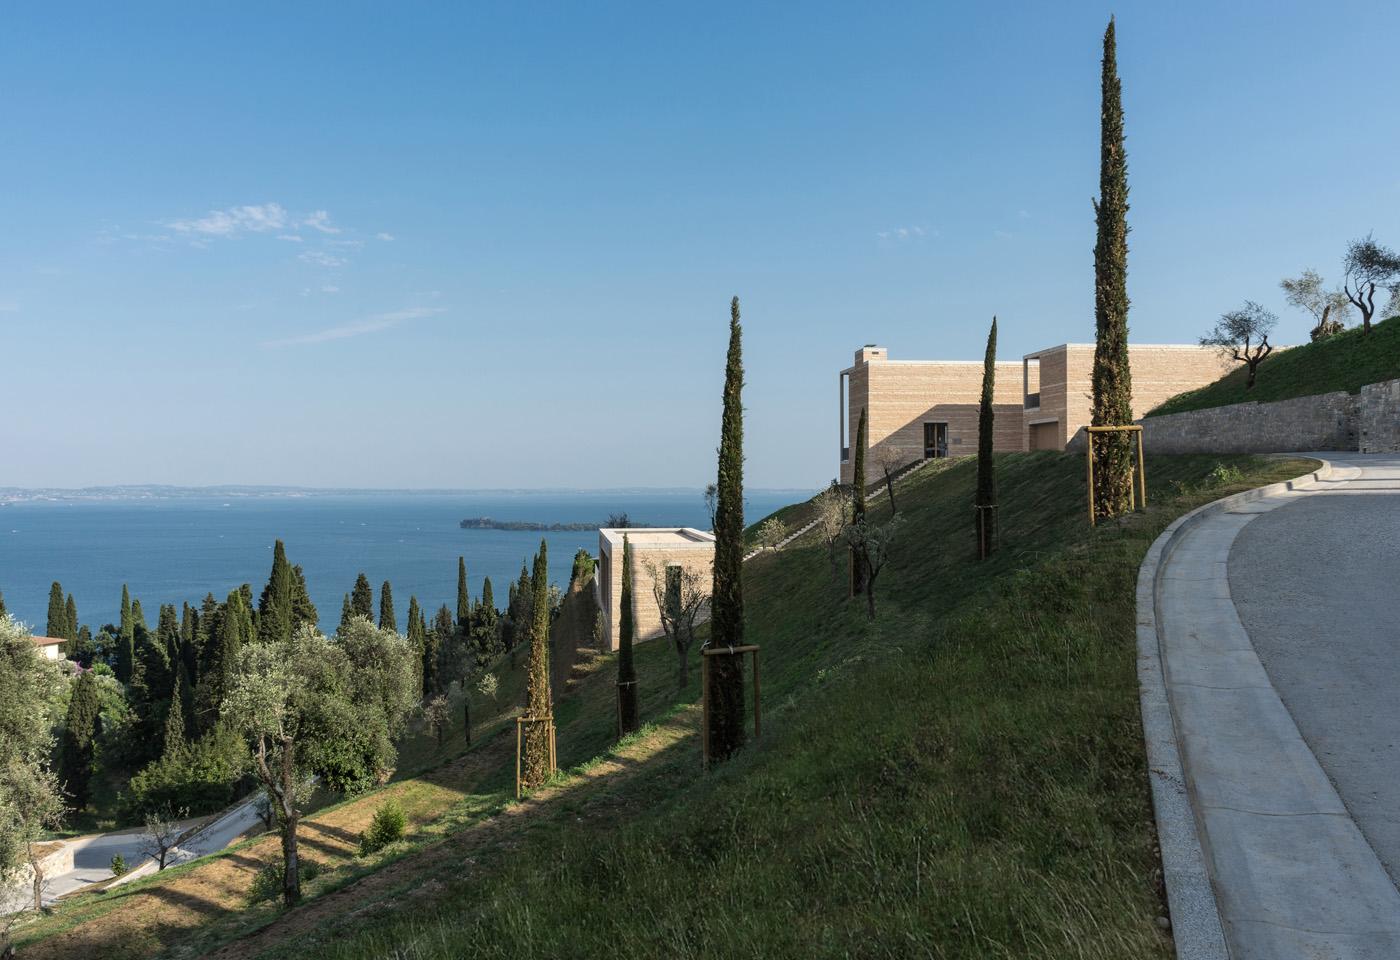 View of Lake Garda from Villa Eden